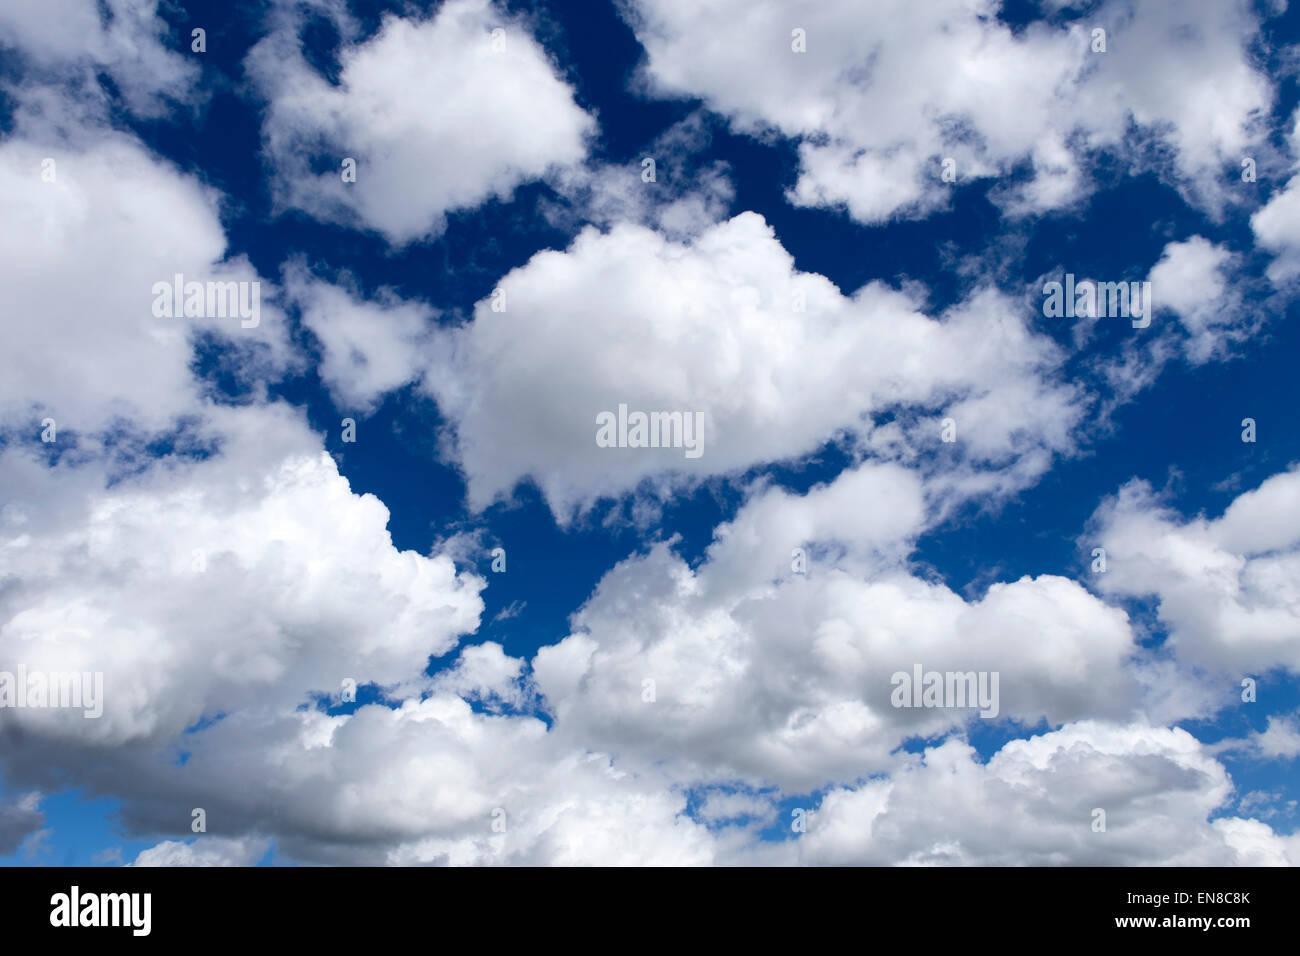 Les nuages blancs dans un ciel bleu profond Banque D'Images